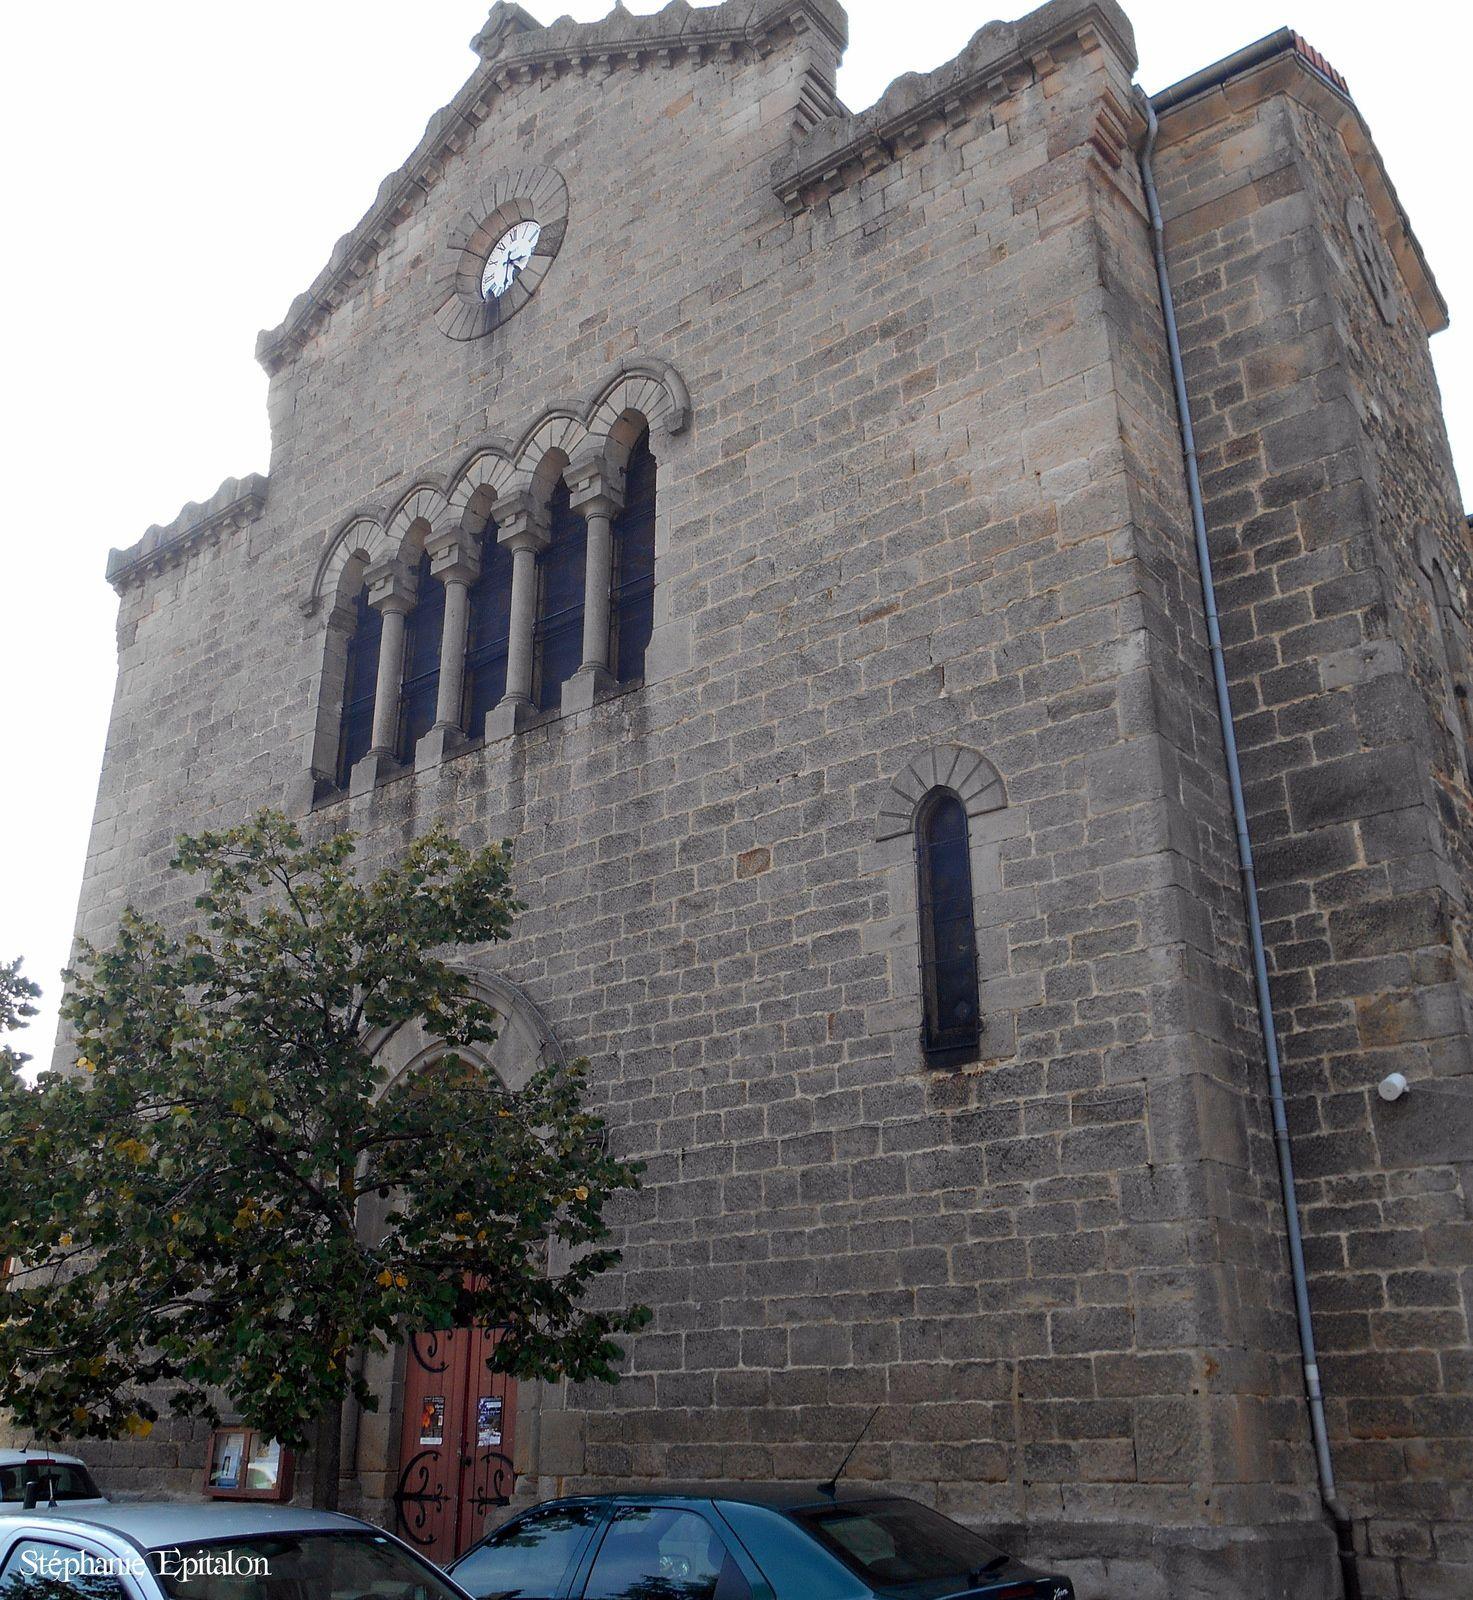 Eglise St-Ferréol d'Auroure (43330 Haute-Loire)